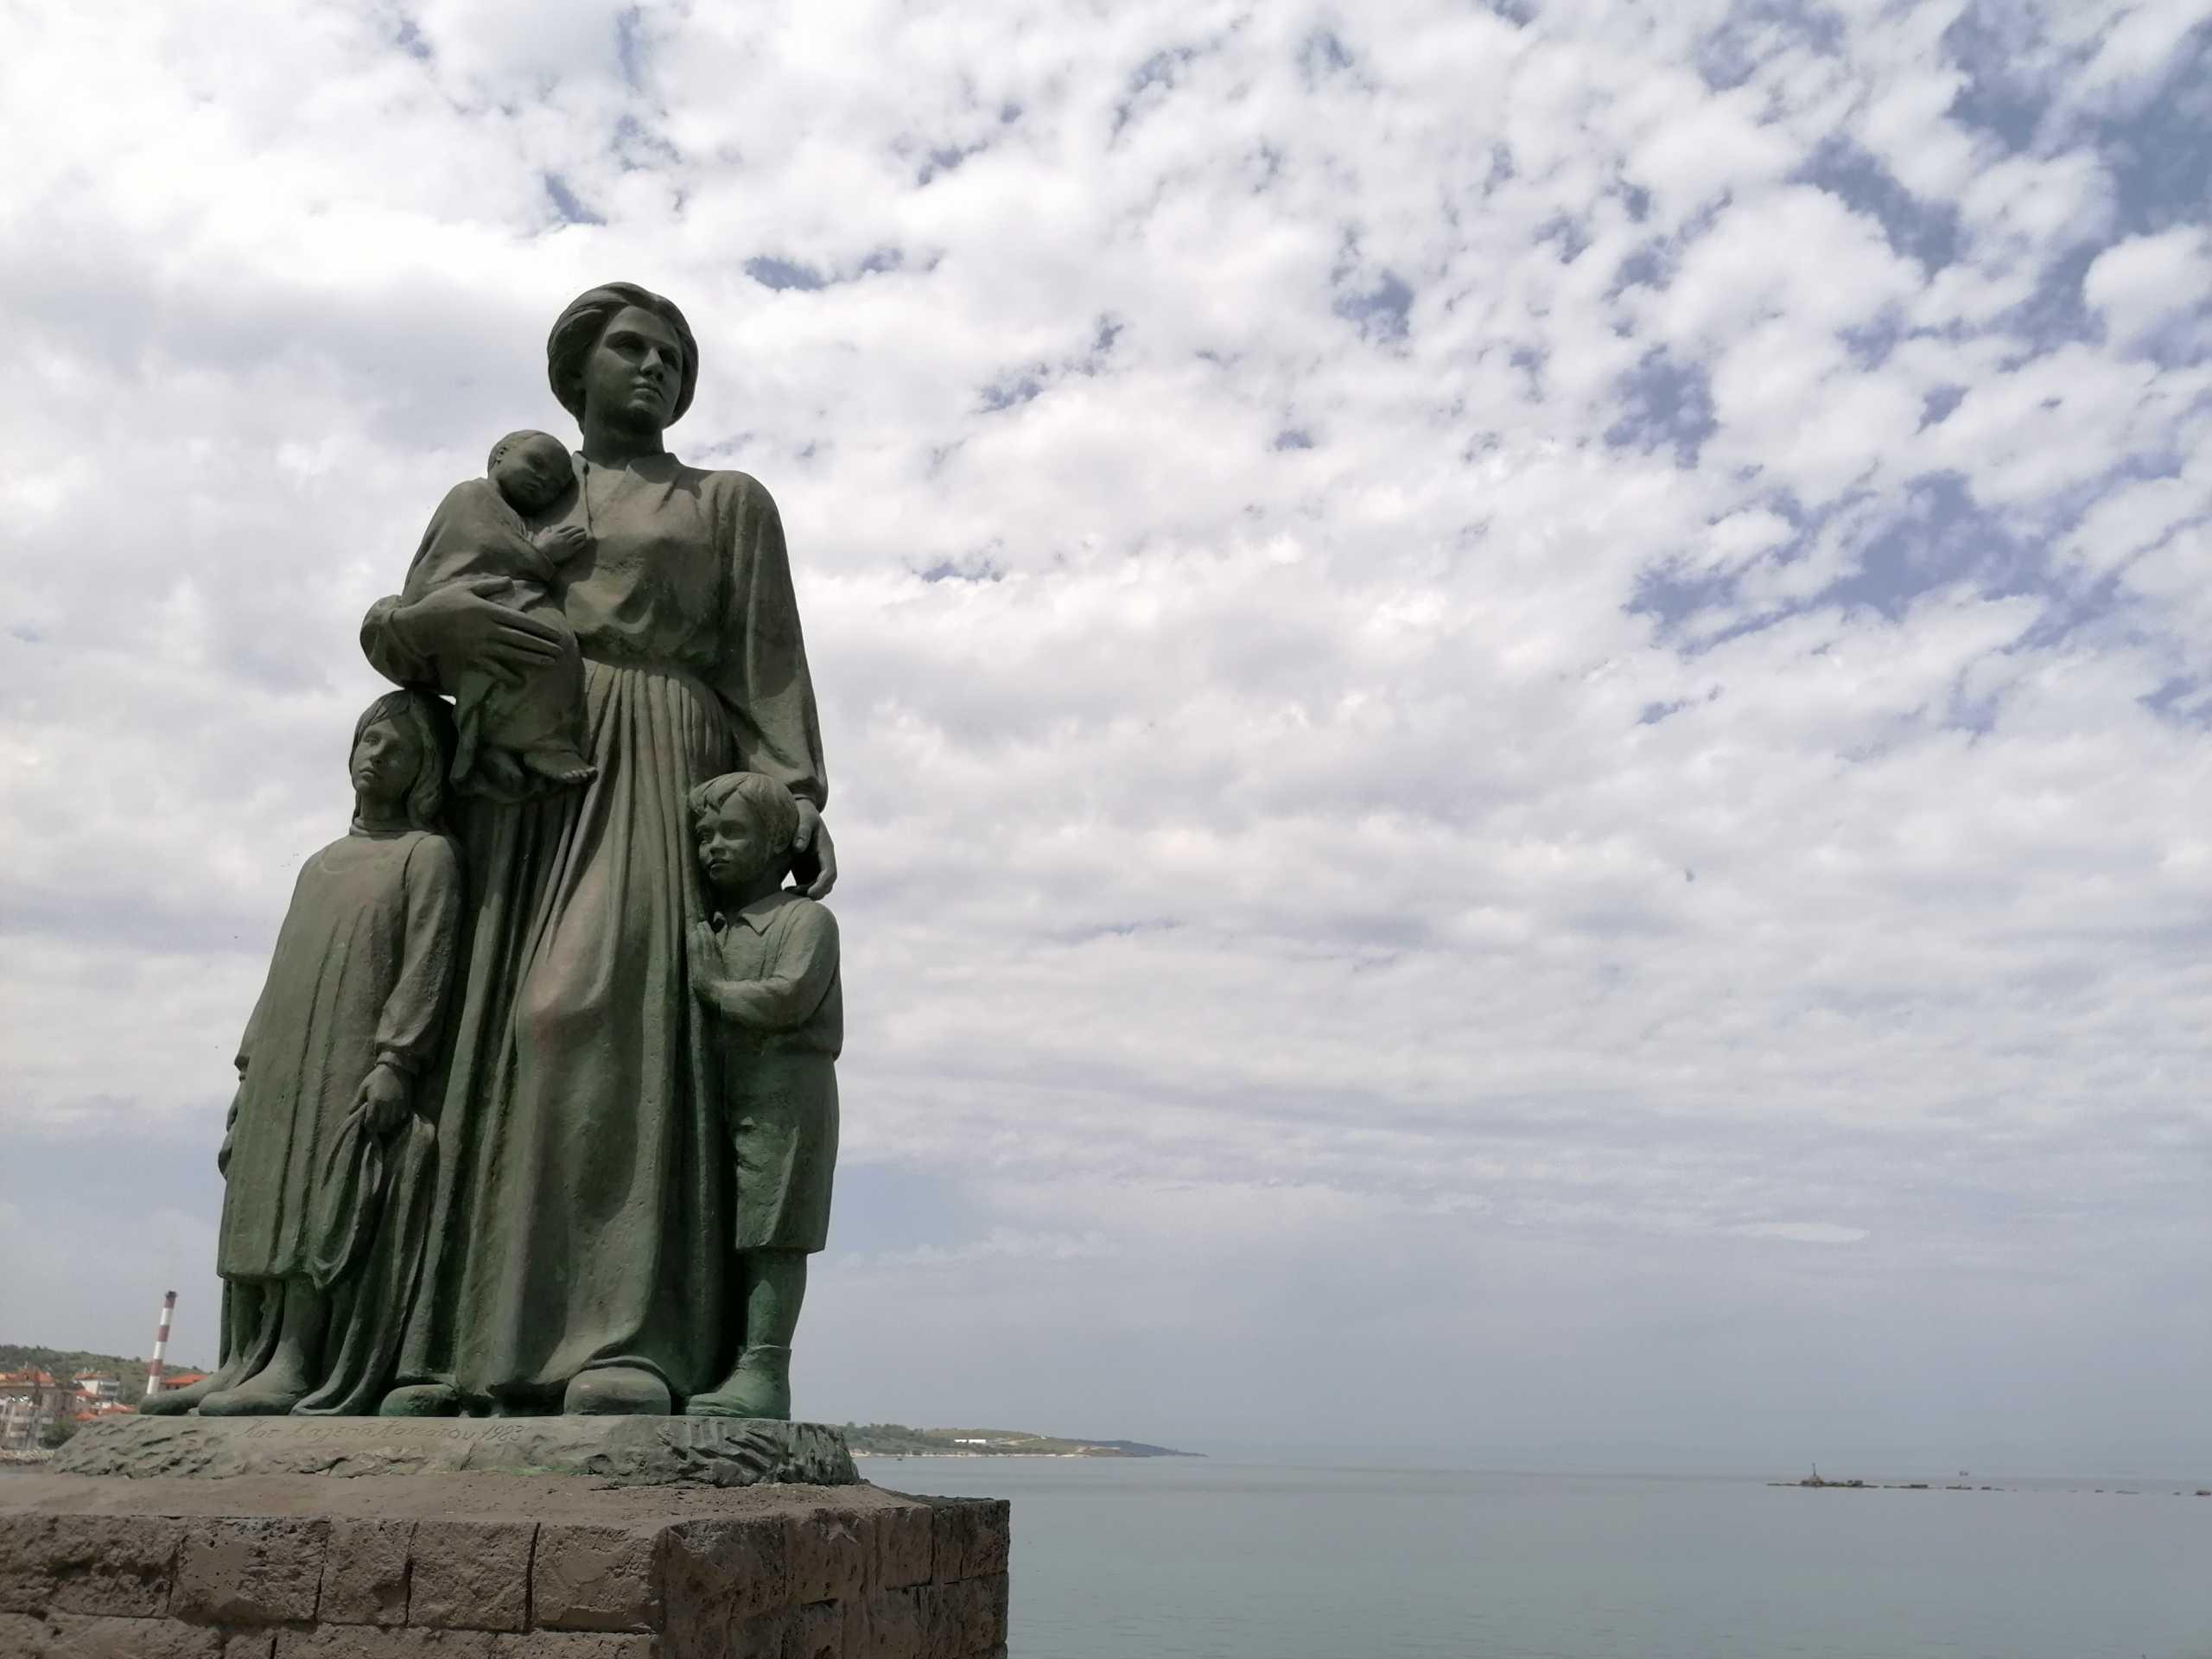 Λέσβος – Γιορτή της μητέρας: Το άγαλμα που κρύβει την πιο πονεμένη ιστορία (pics)